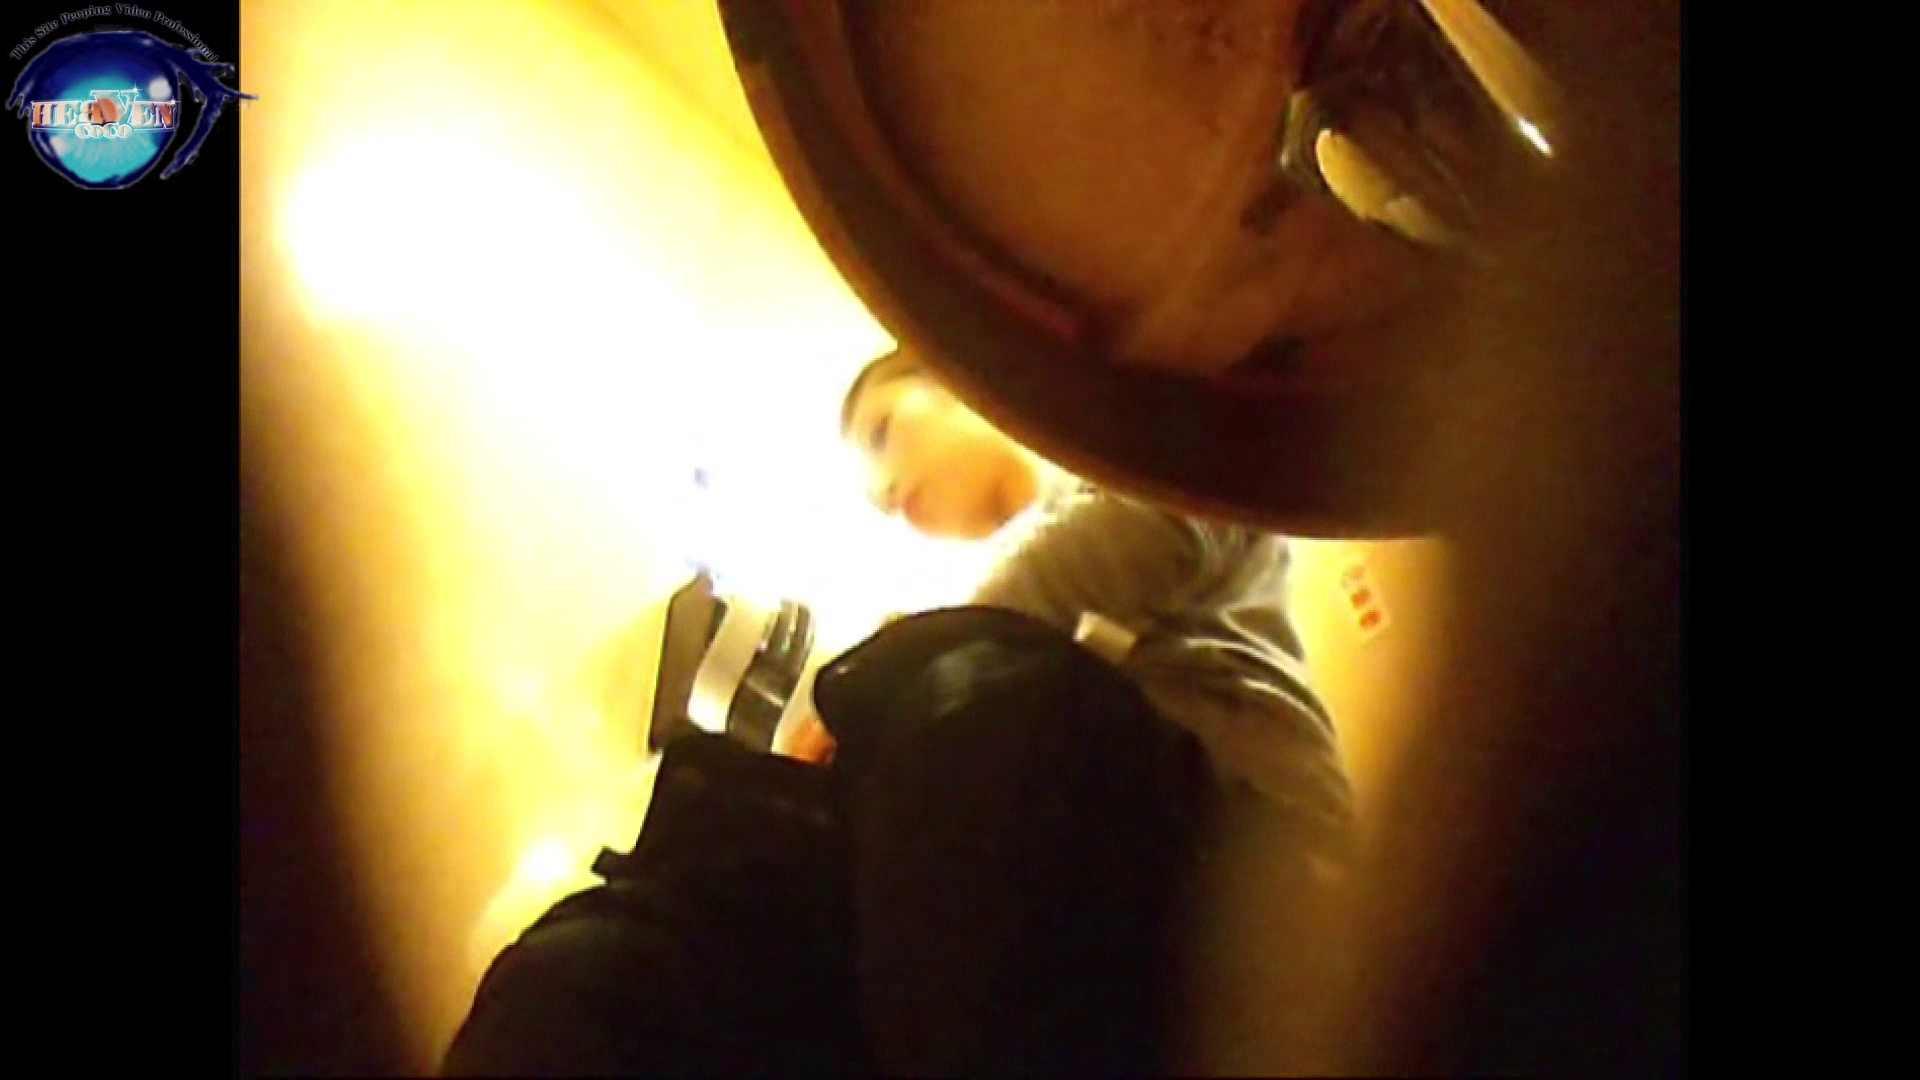 突撃!女子化粧室の真実vol.22前編 お姉さんヌード 盗み撮りAV無料動画キャプチャ 110画像 103